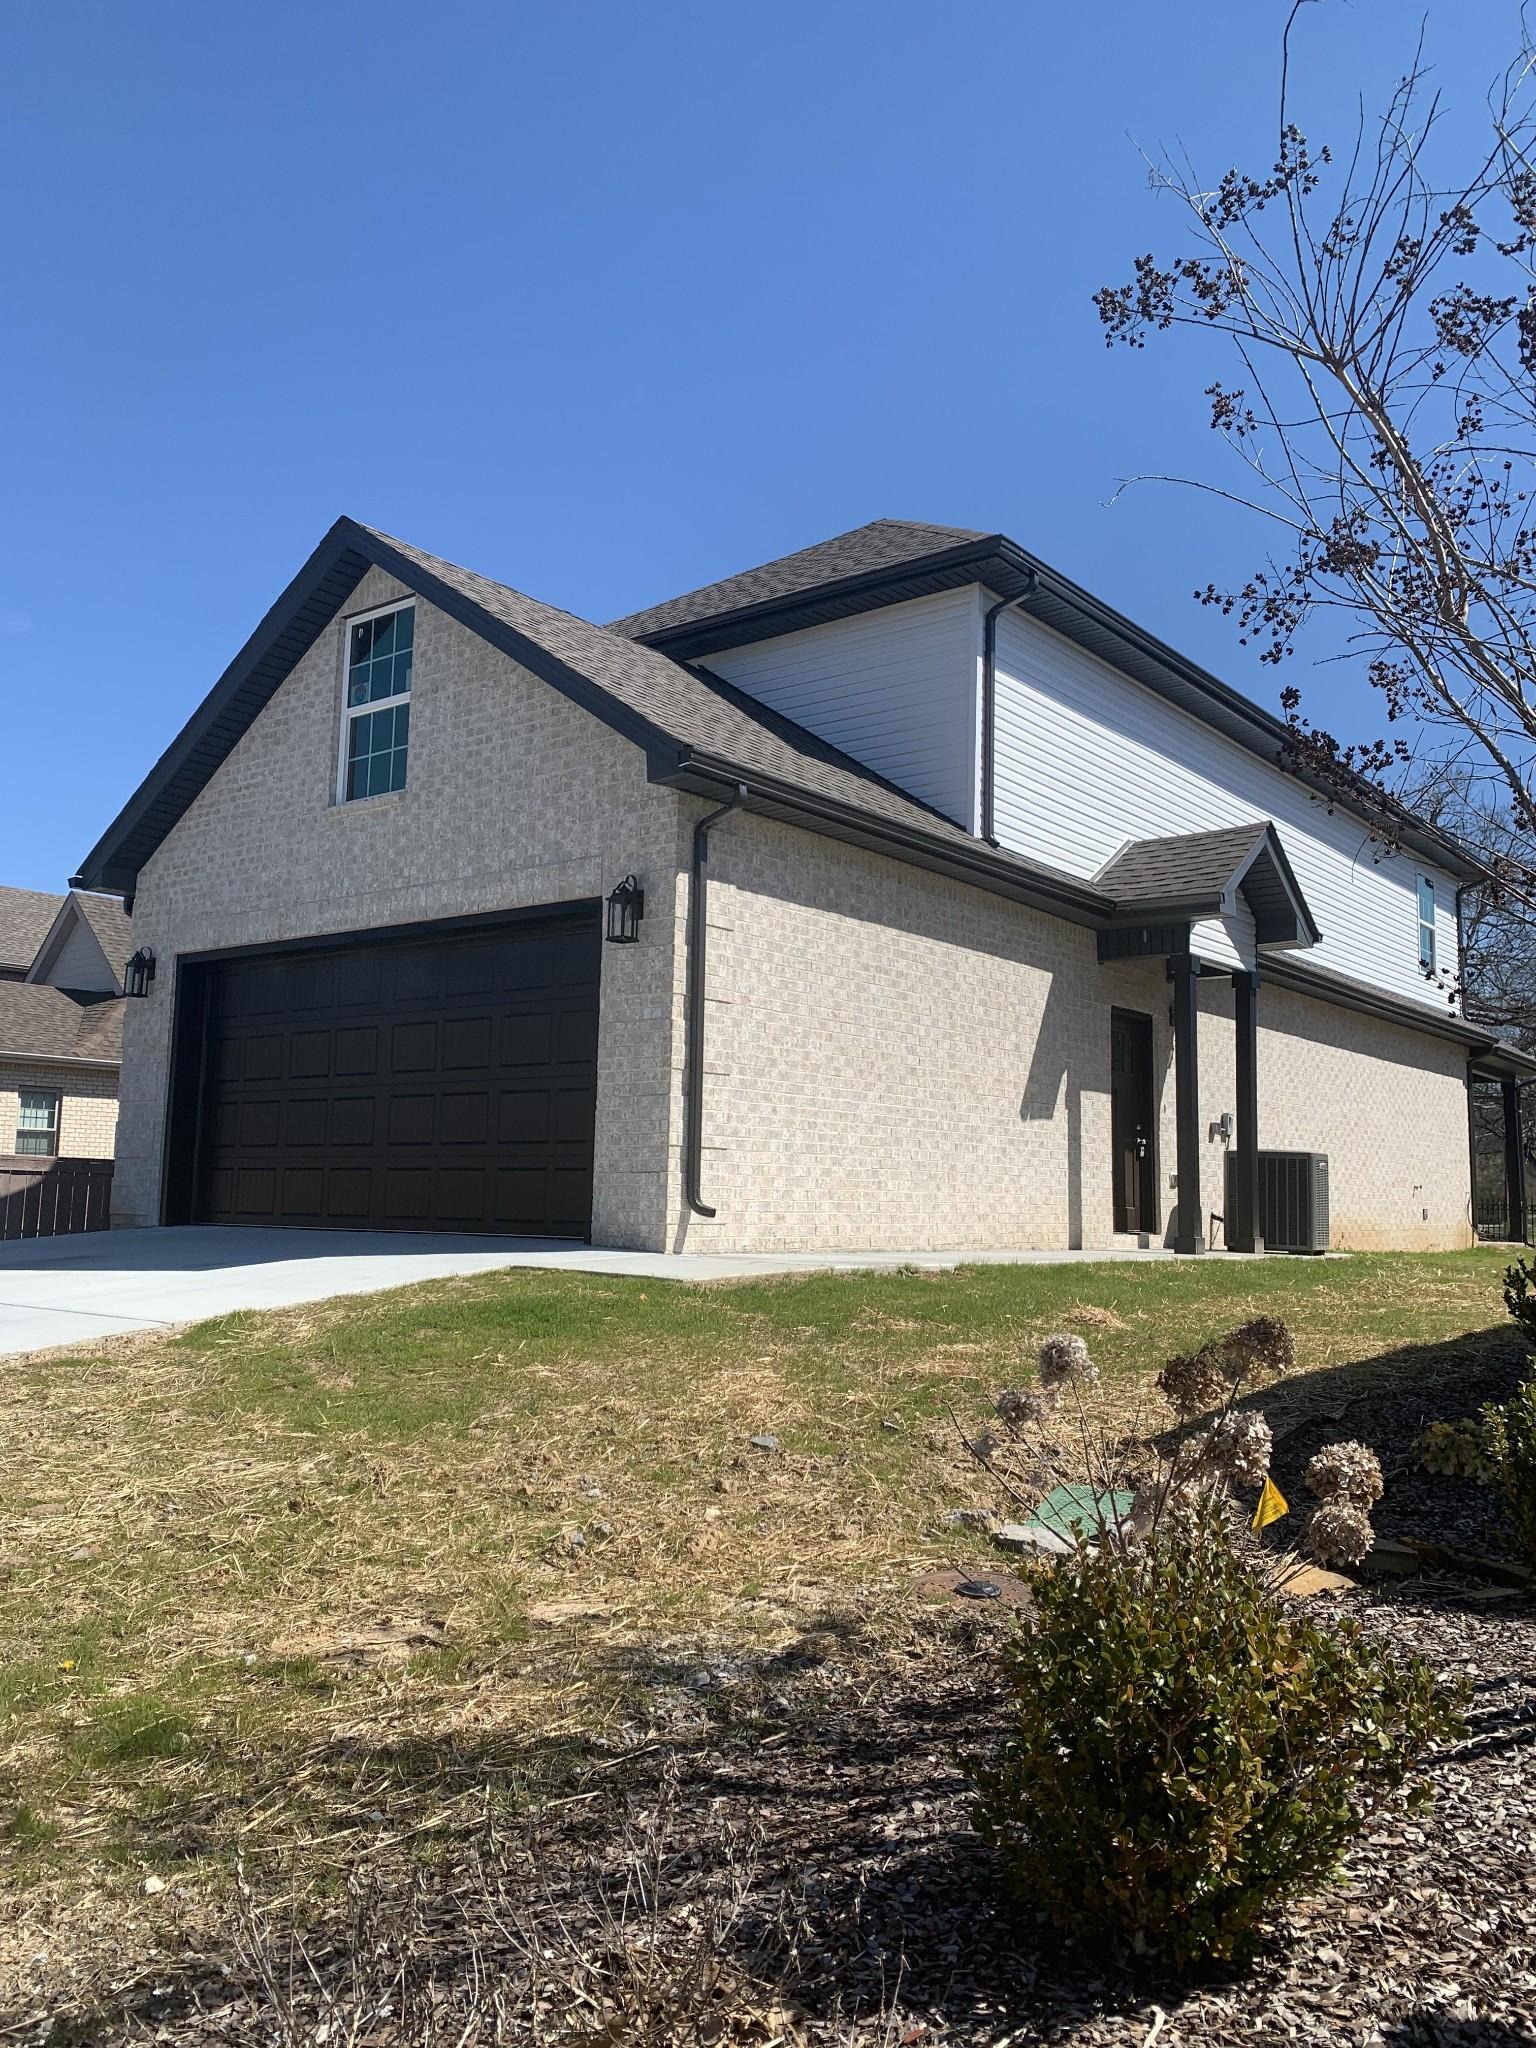 306 Celebration St Property Photo - Shelbyville, TN real estate listing